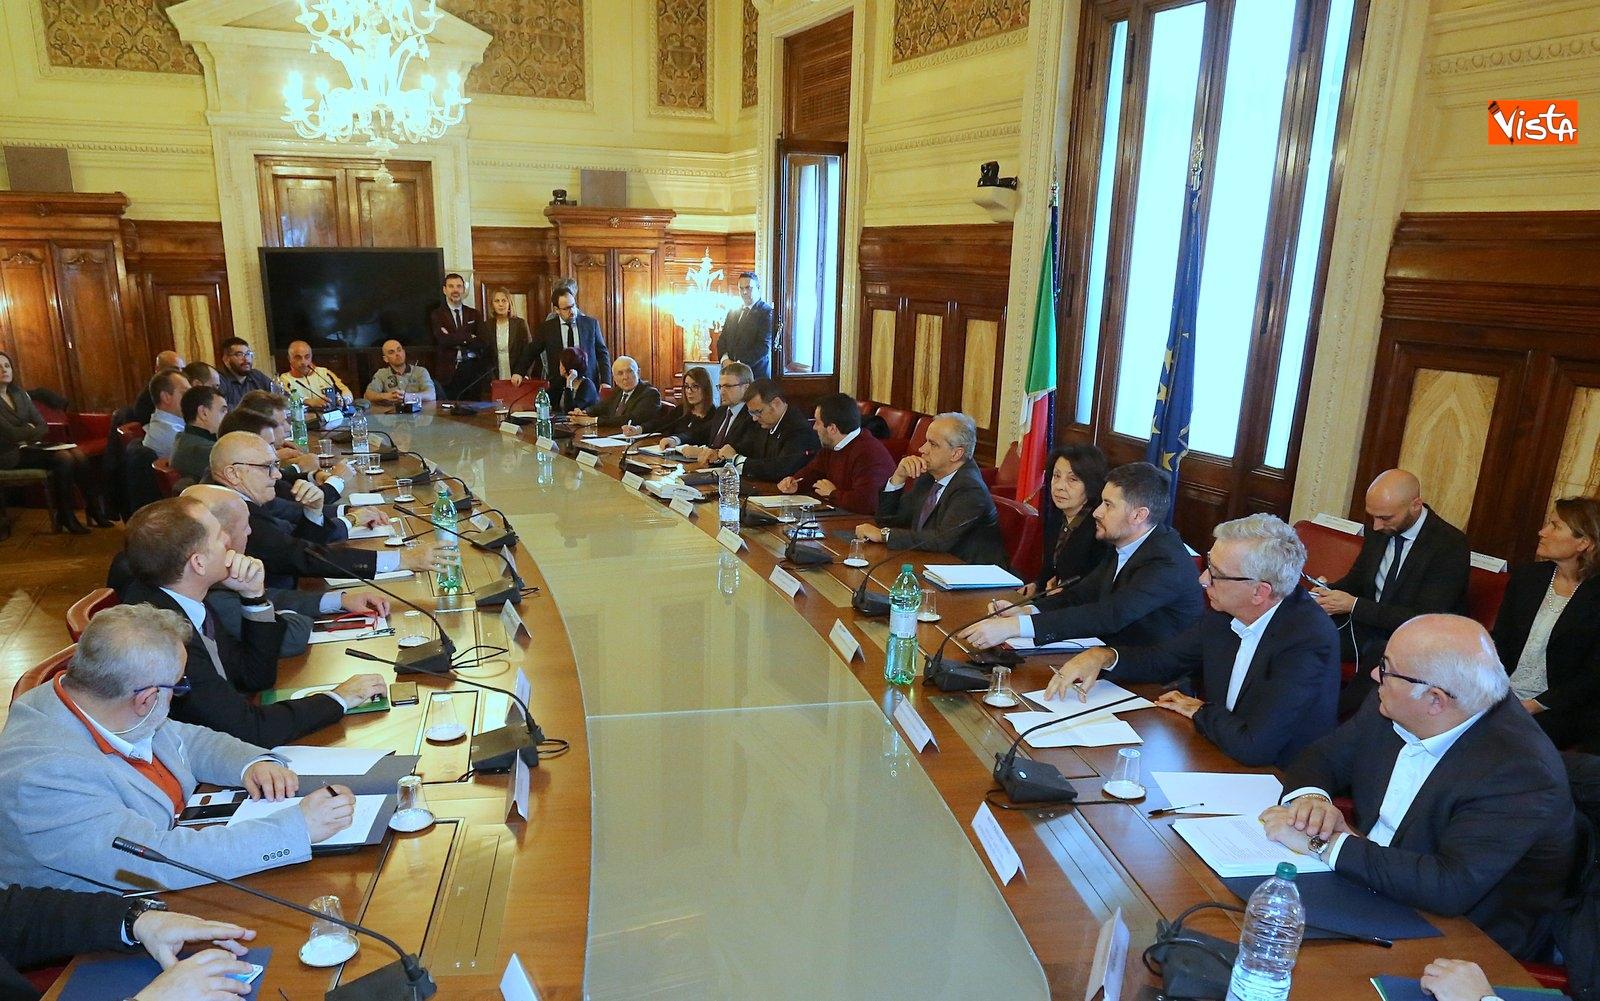 14-02-19 Salvini incontr una delegazione di pastori sardi le immagini_02